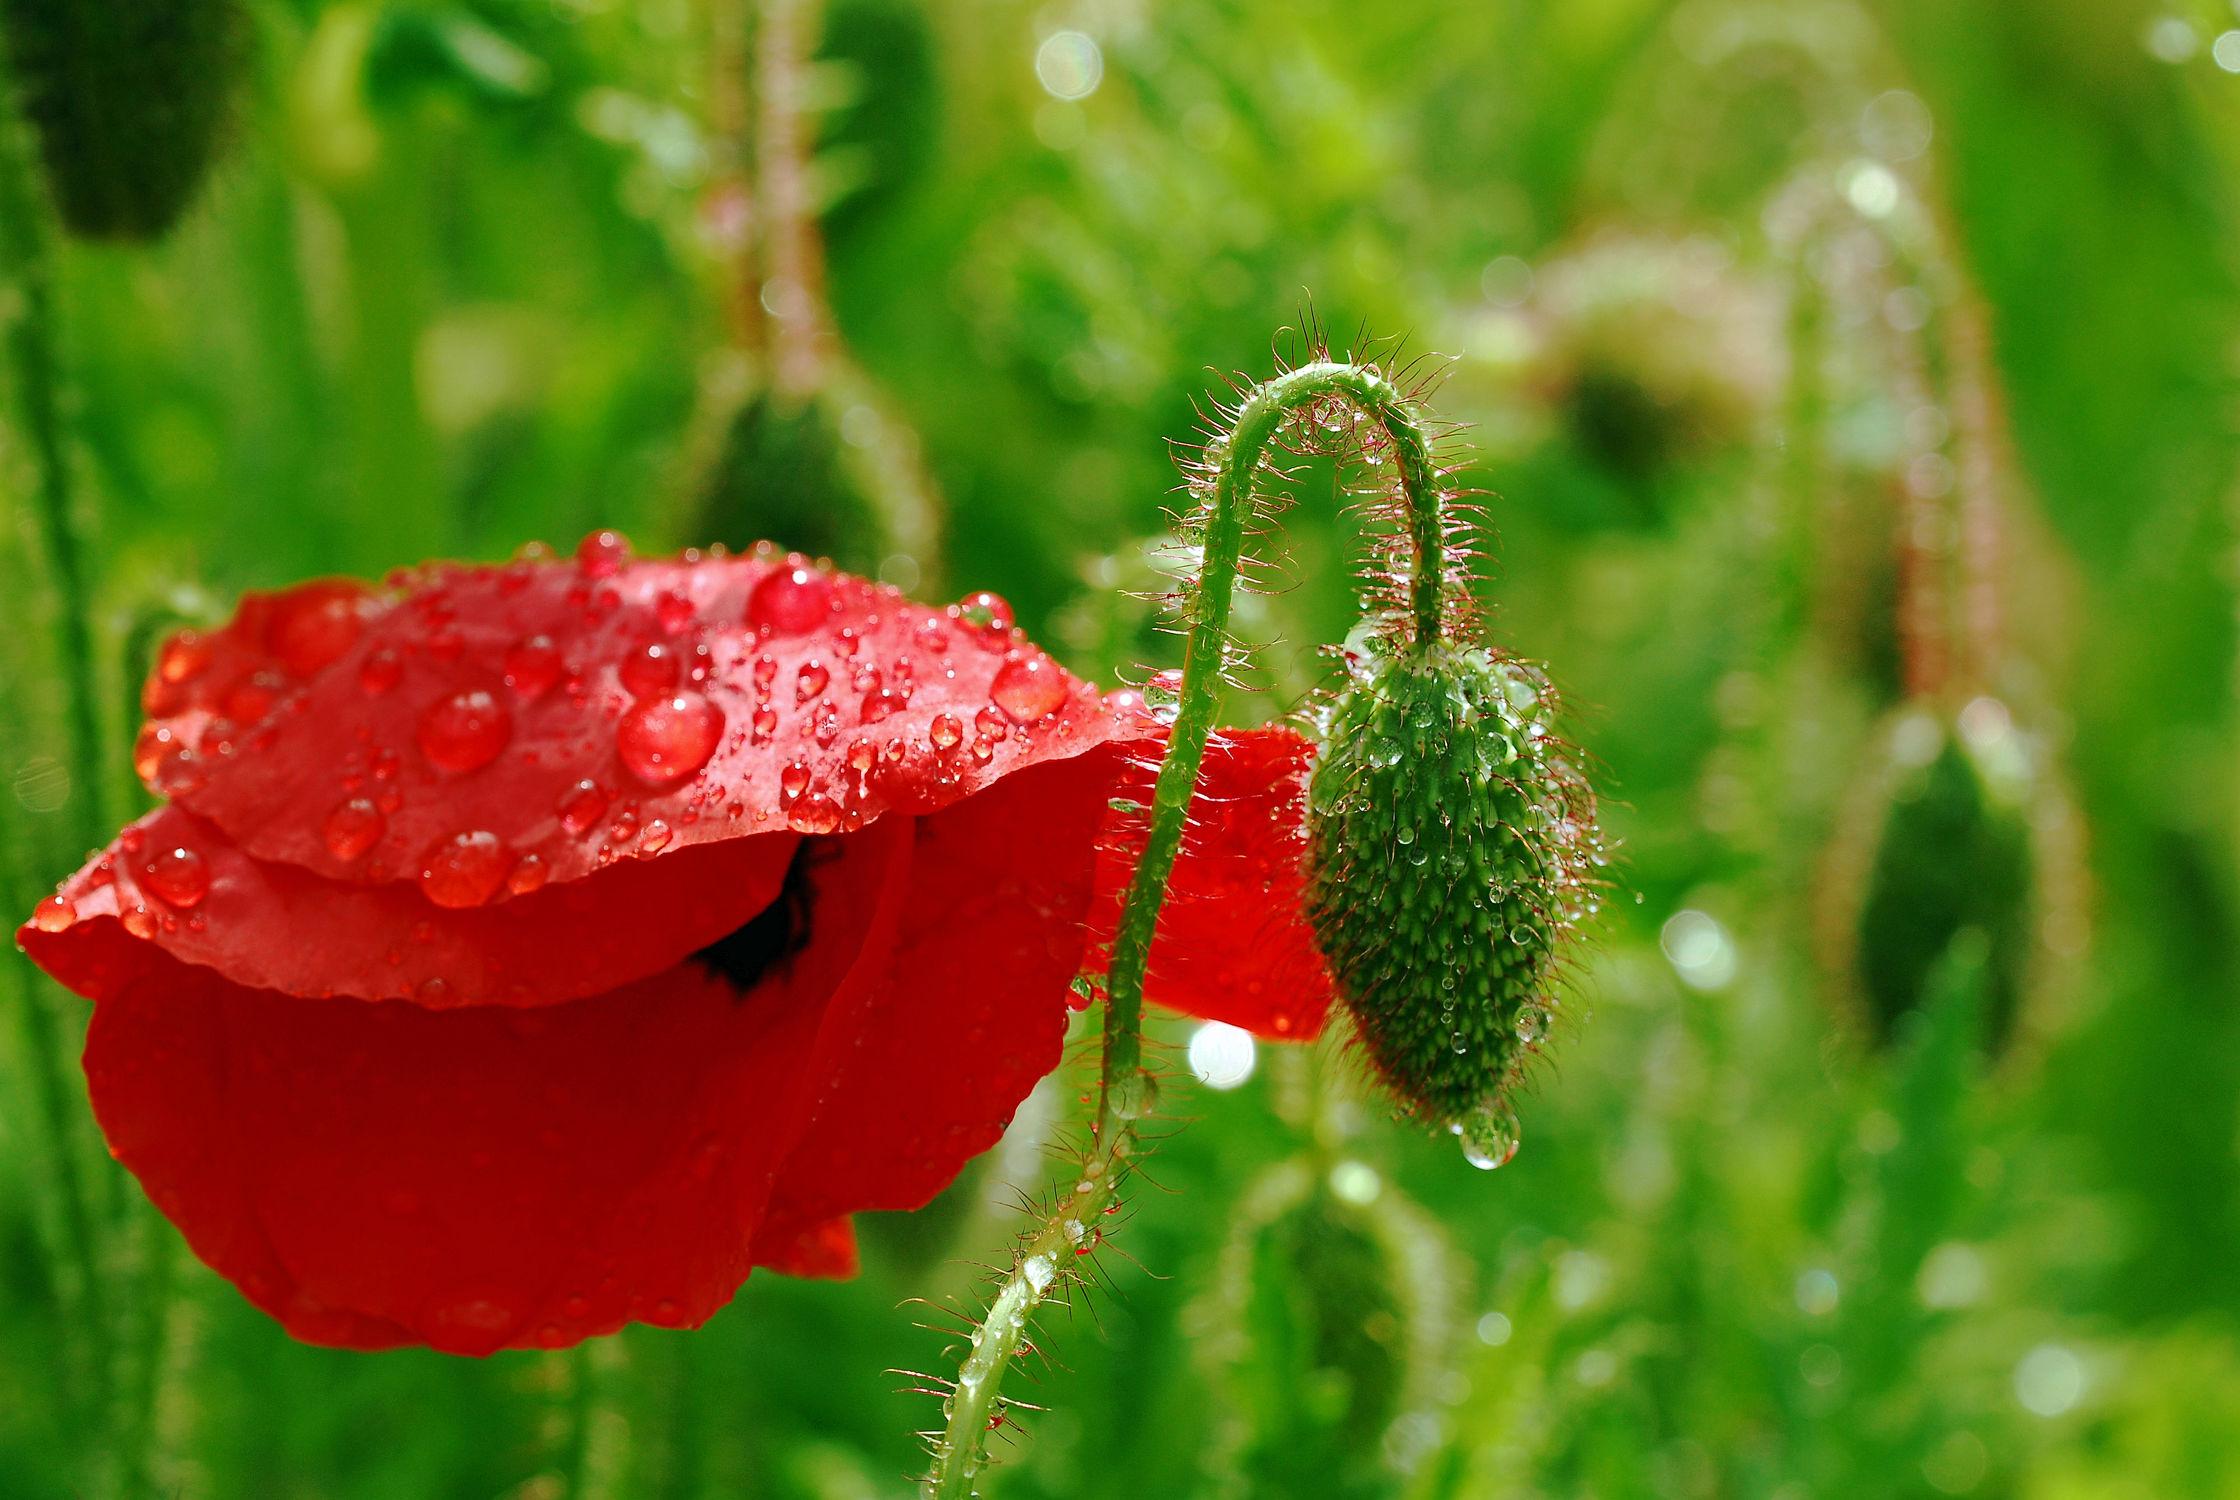 Bild mit Grün, Pflanzen, Blumen, Blumen, Rot, Mohn, Sonne, Mohnfeld, Makro, Mohnblüte, Wassertropfen, Regentropfen, Felder, garten, Wiesen, Sonnenlicht, Tautropfen, Bauerngärten, Dolde, Knospe, Blütenkopf